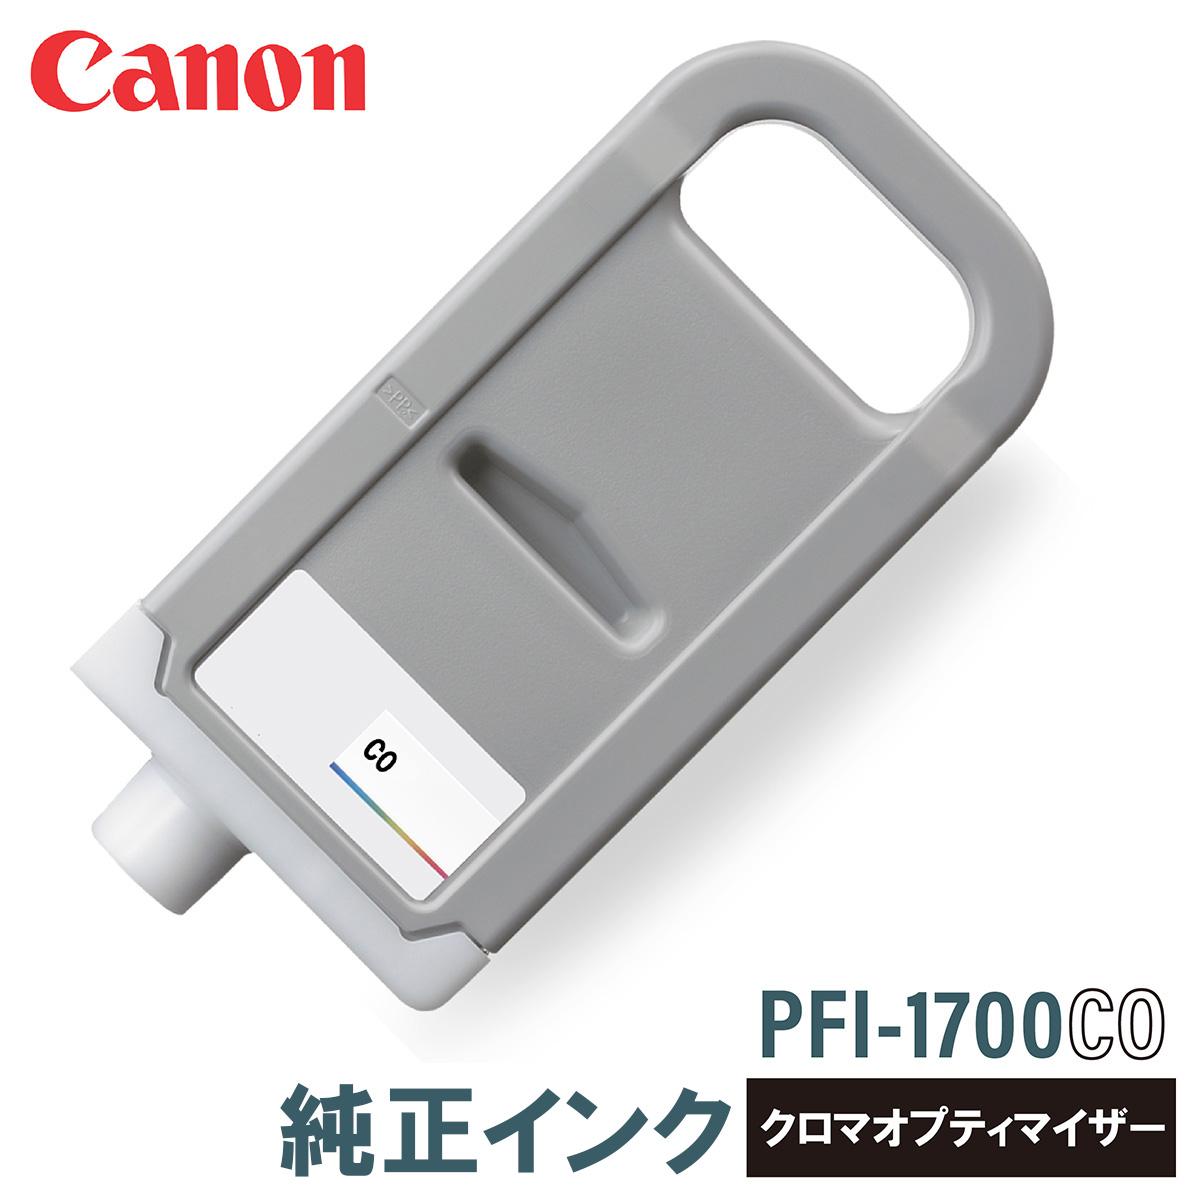 キヤノン 純正インク CANON PFI-1700CO クロマオプティマイザー 700ml